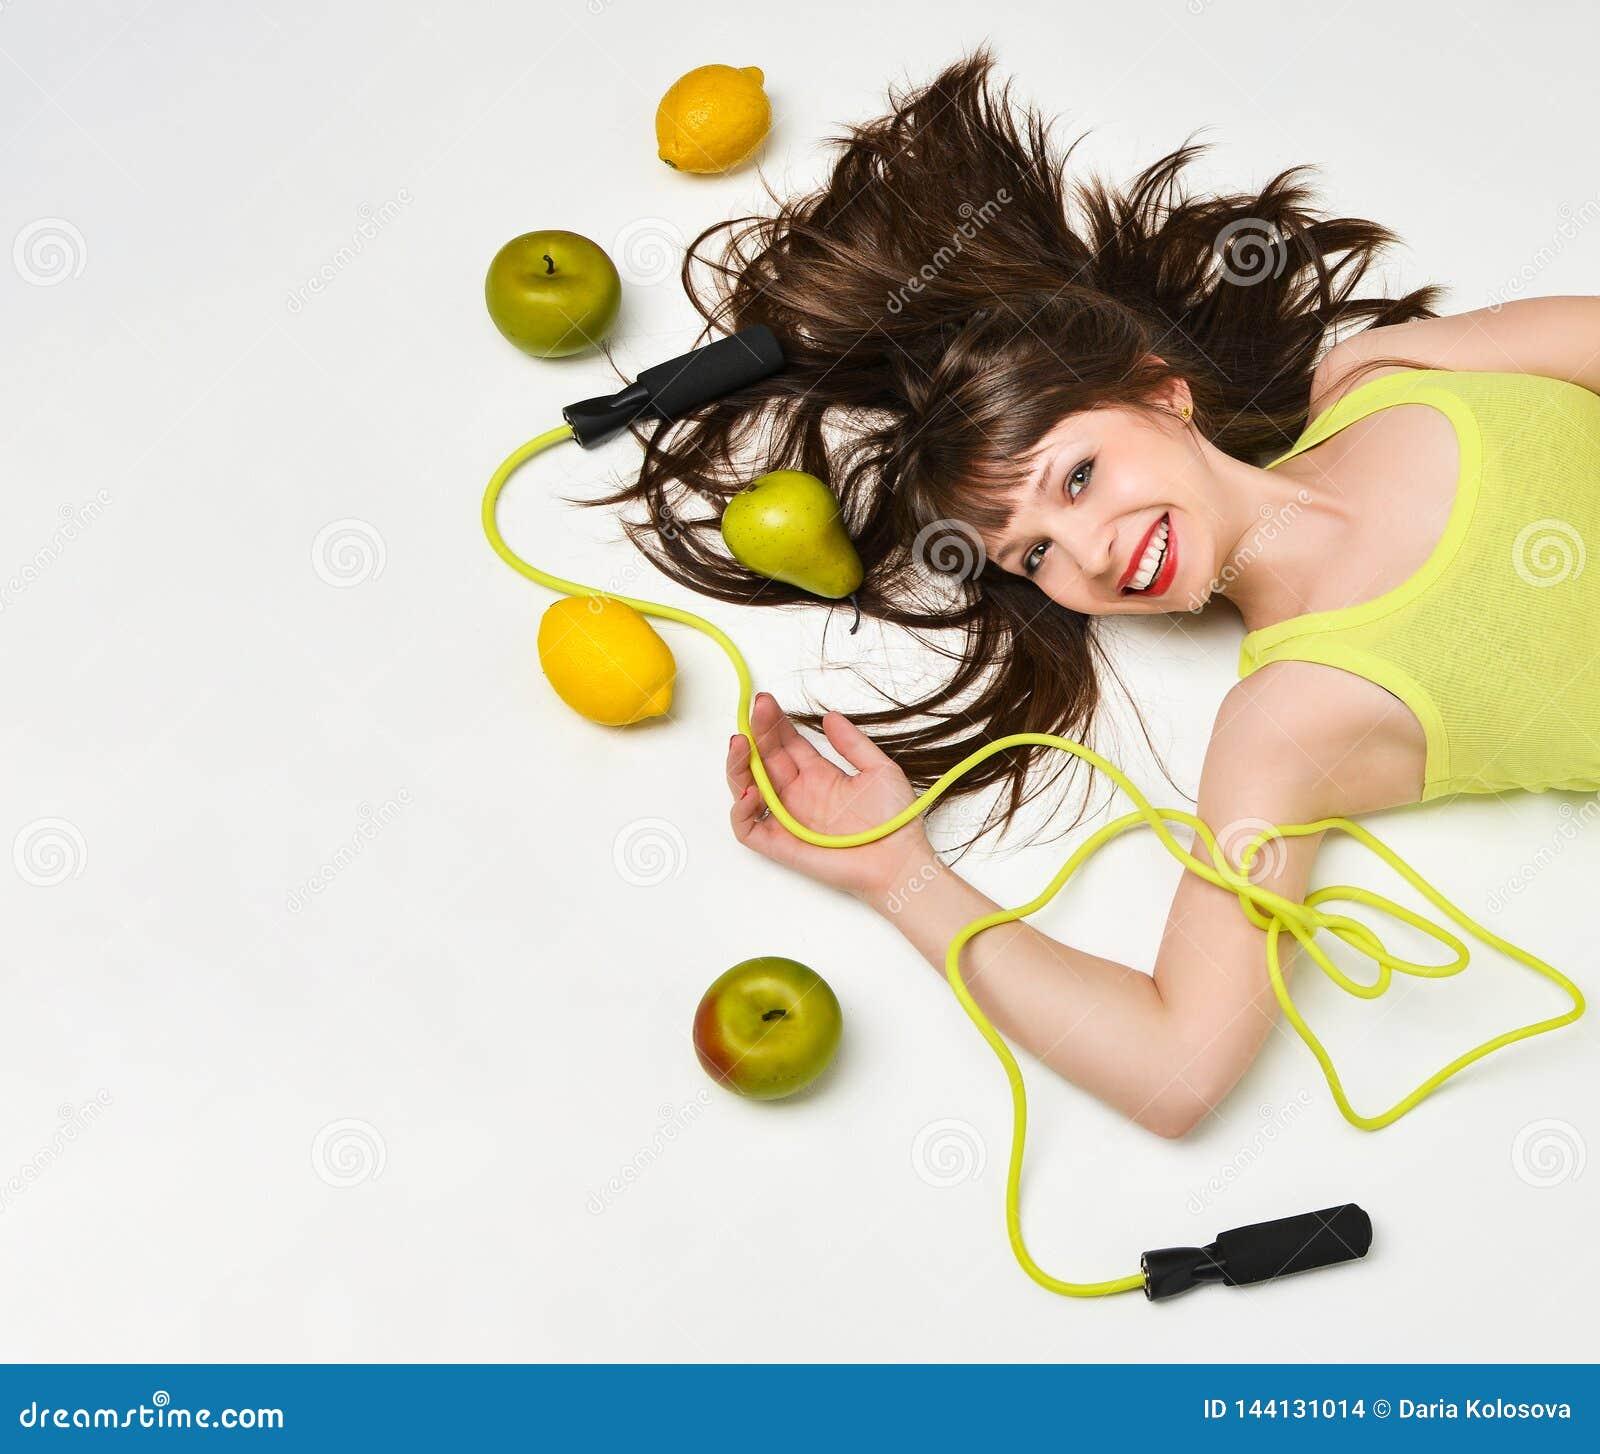 Πορτρέτο ομορφιάς μιας γυναίκας που περιβάλλονται από τα φρούτα και ενός πηδώντας σχοινιού που βρίσκεται στο πάτωμα